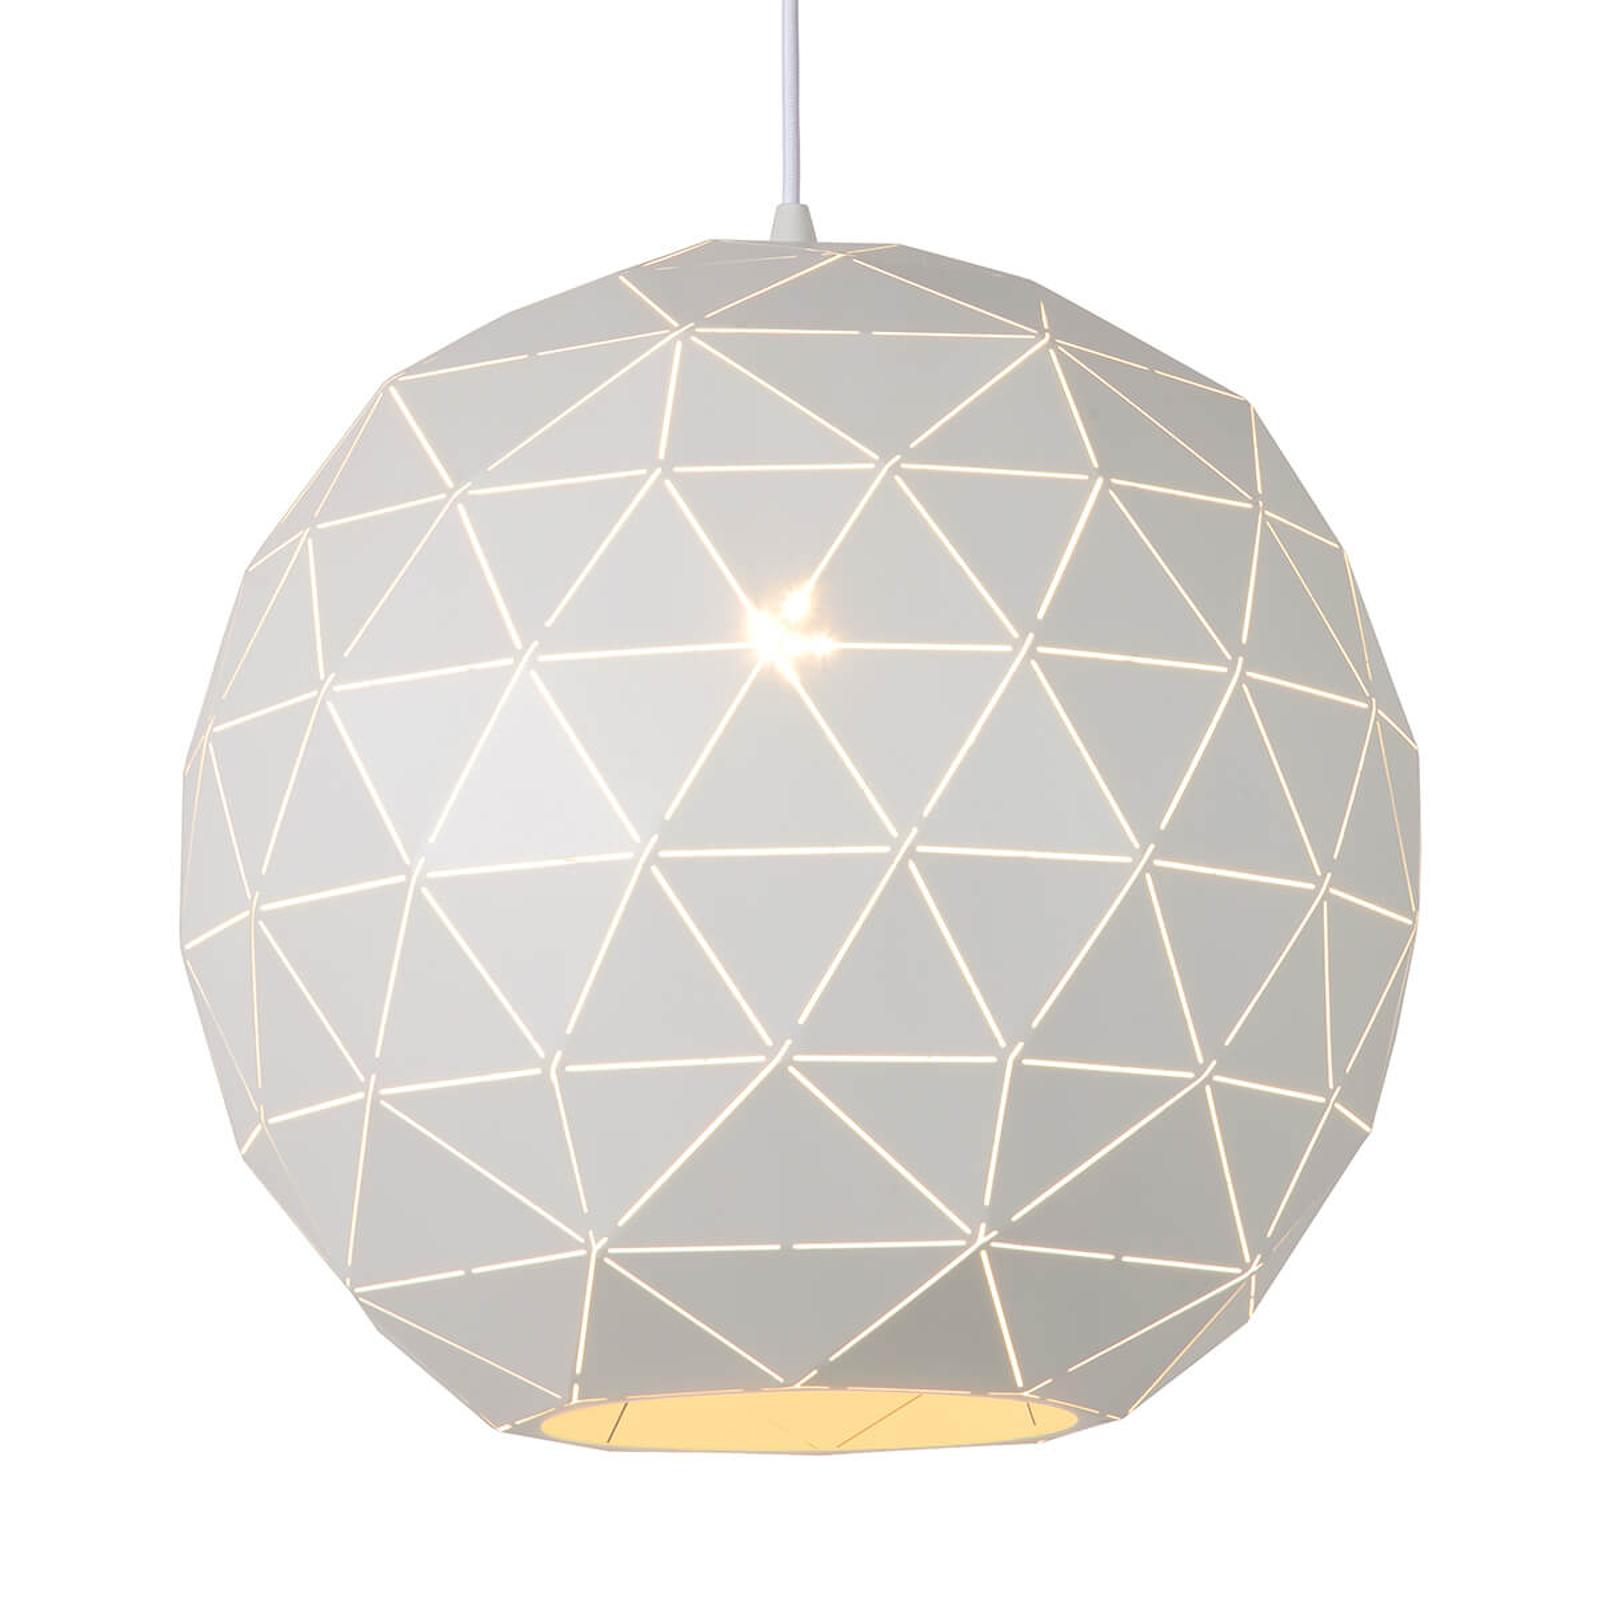 Lampa wisząca Otona z metalu, biała Ø 40 cm